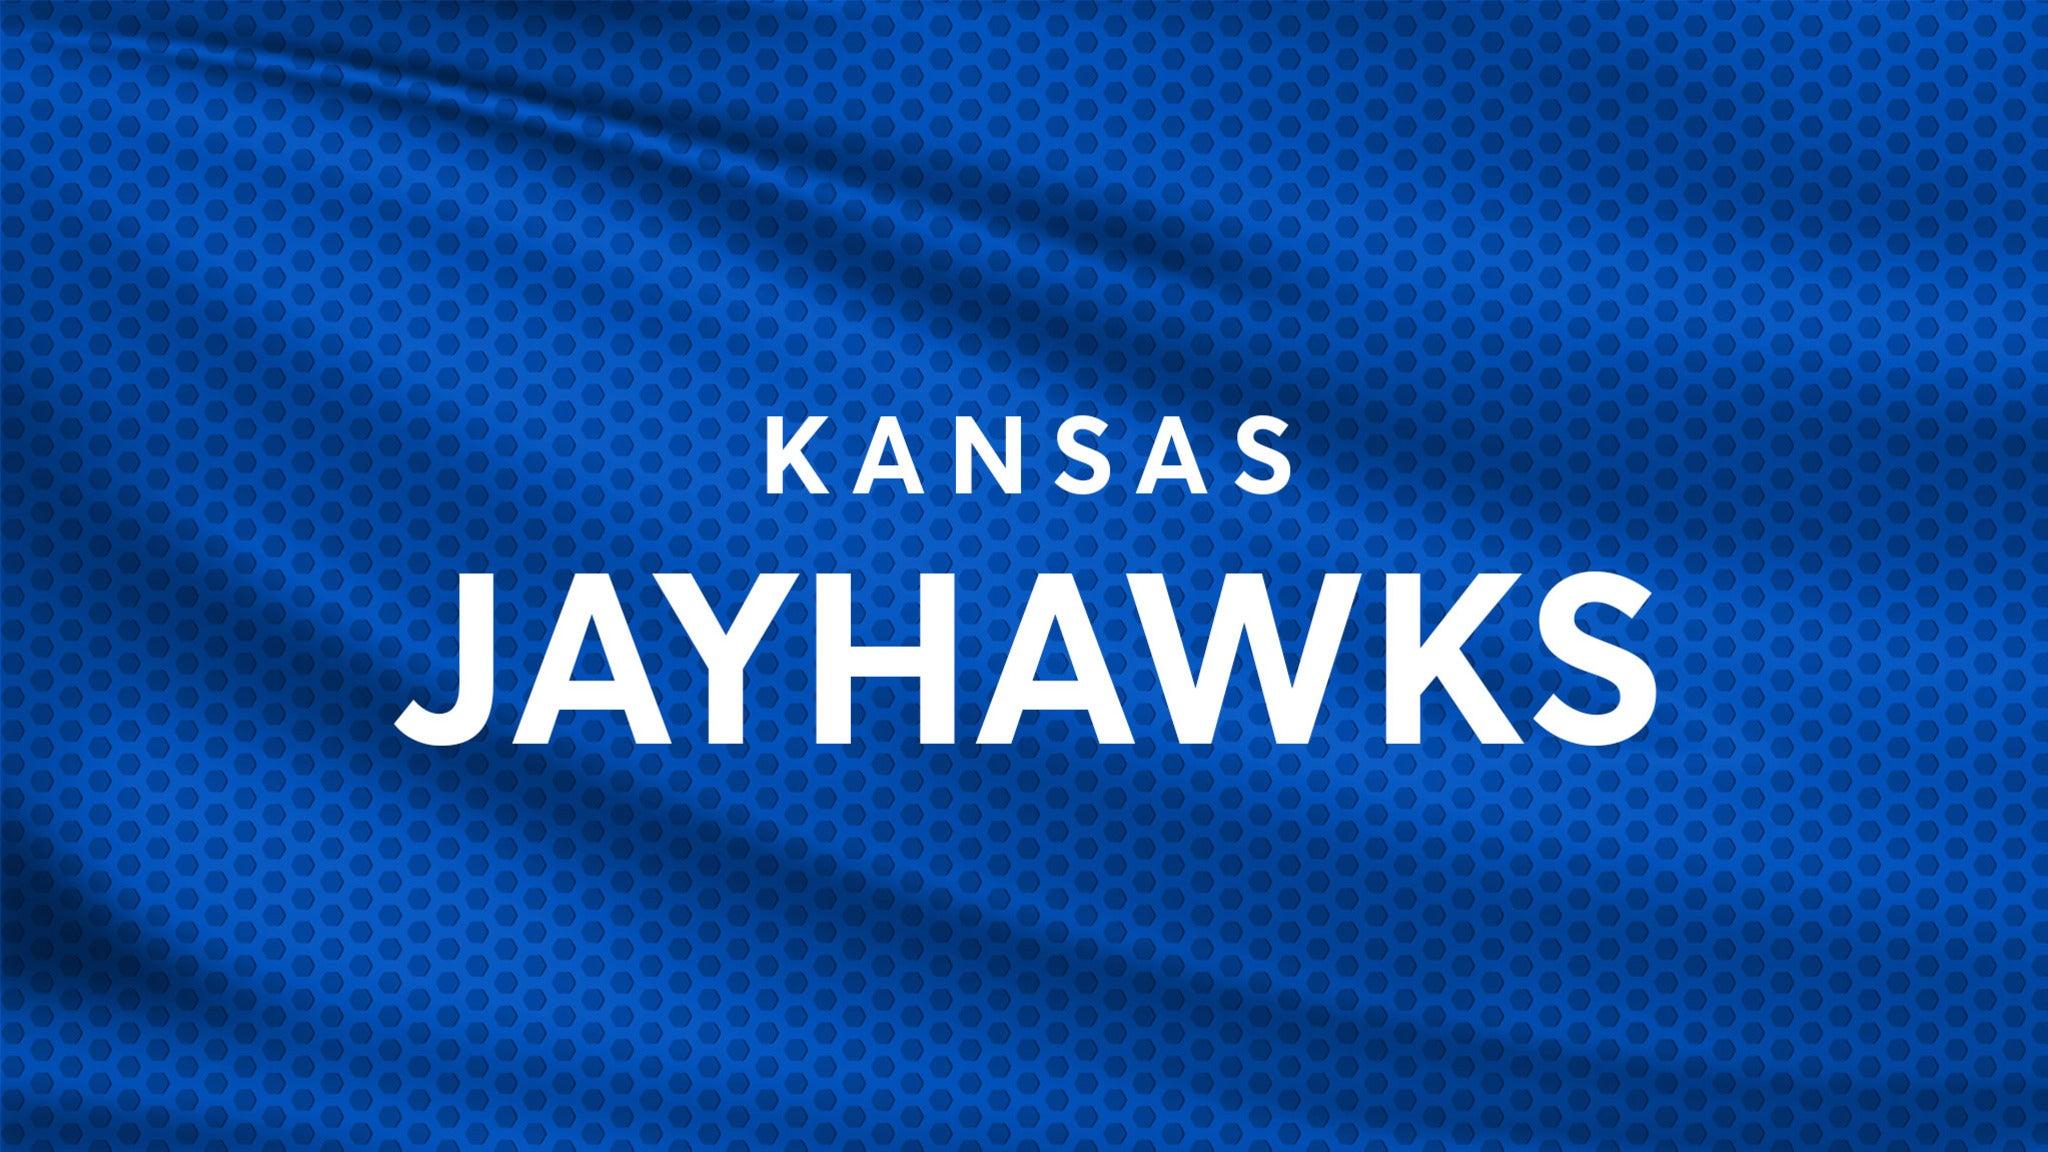 Kansas Jayhawks Football